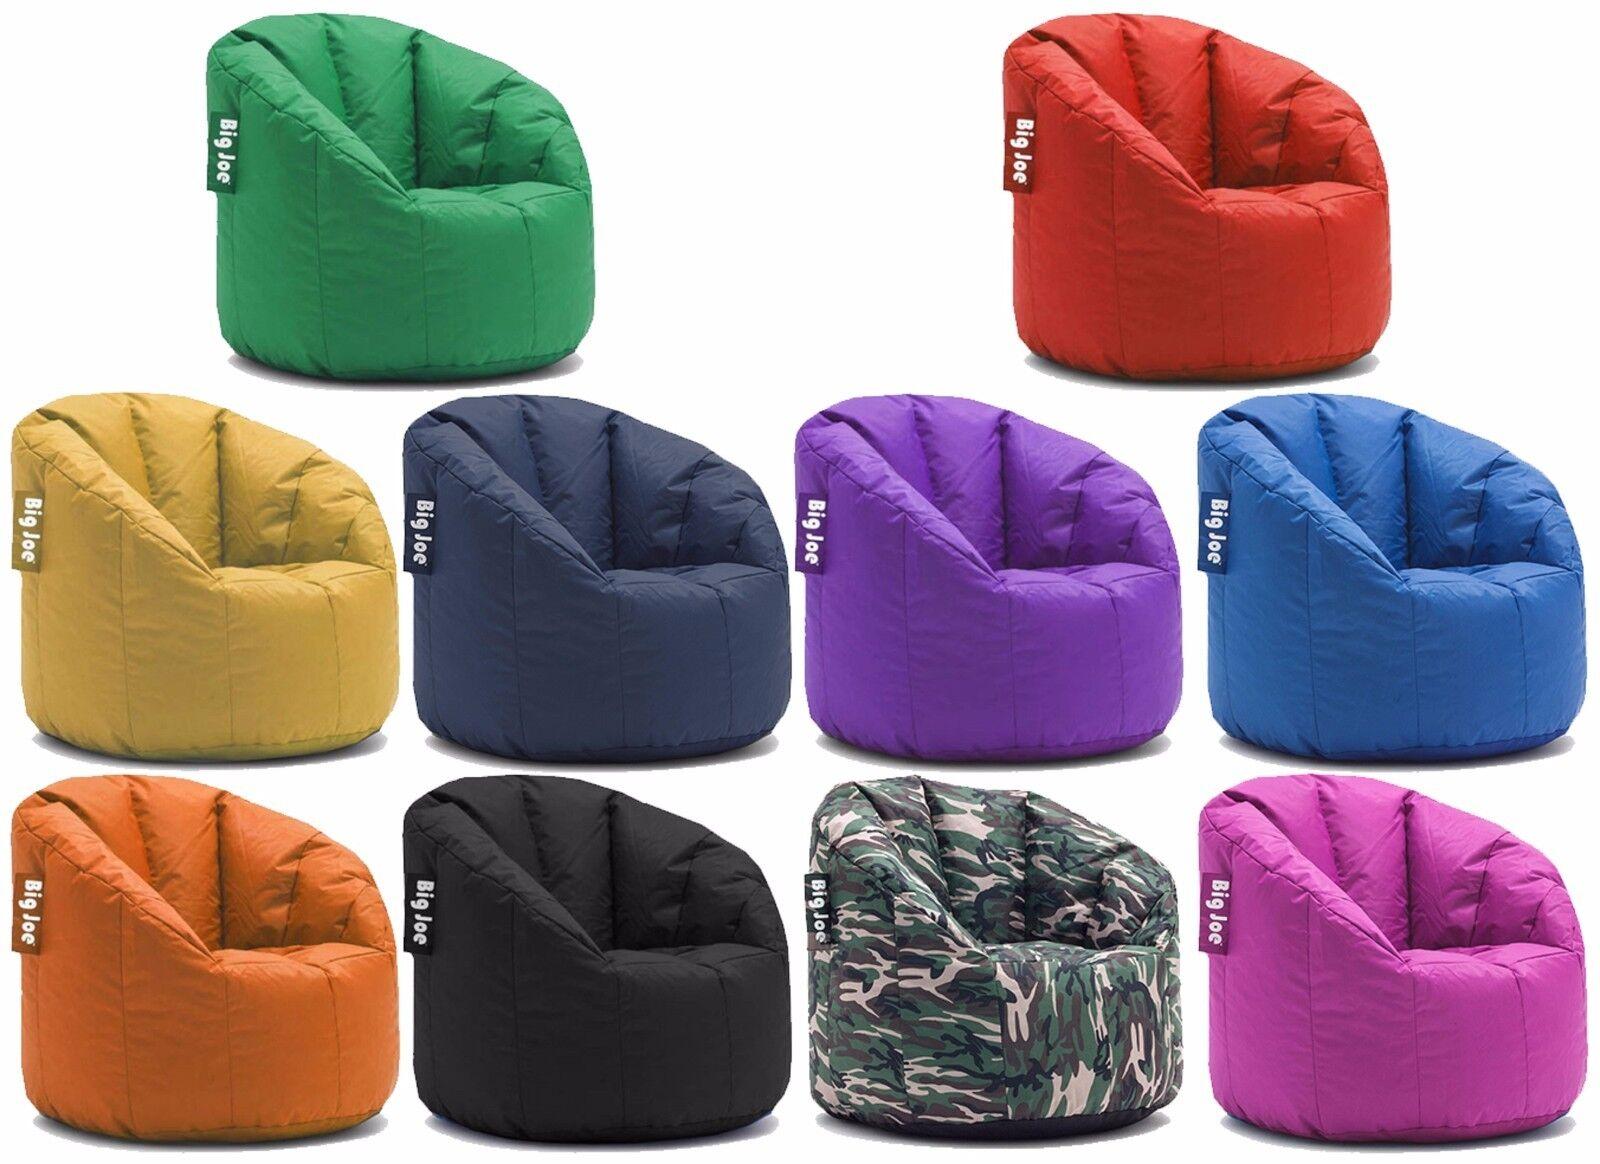 Big Joe MILANO Bean Bag Chair Camouflage Wm5 M01